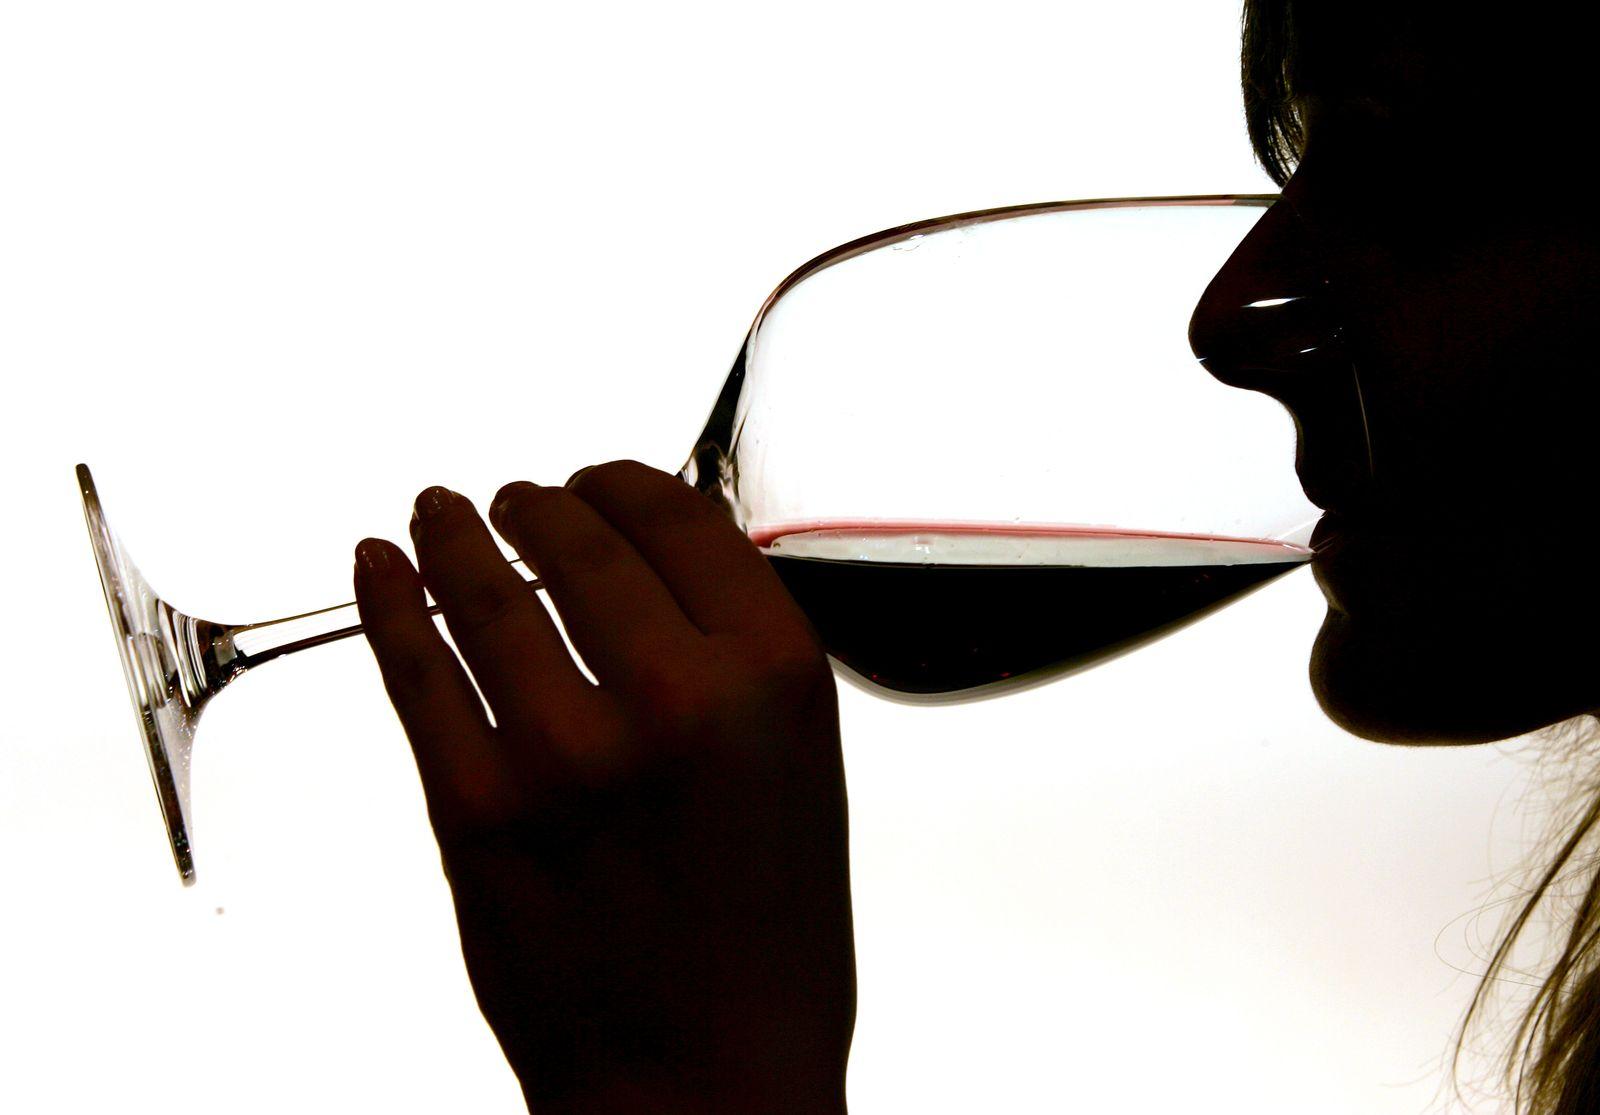 Symbolbild Trinken / Wein